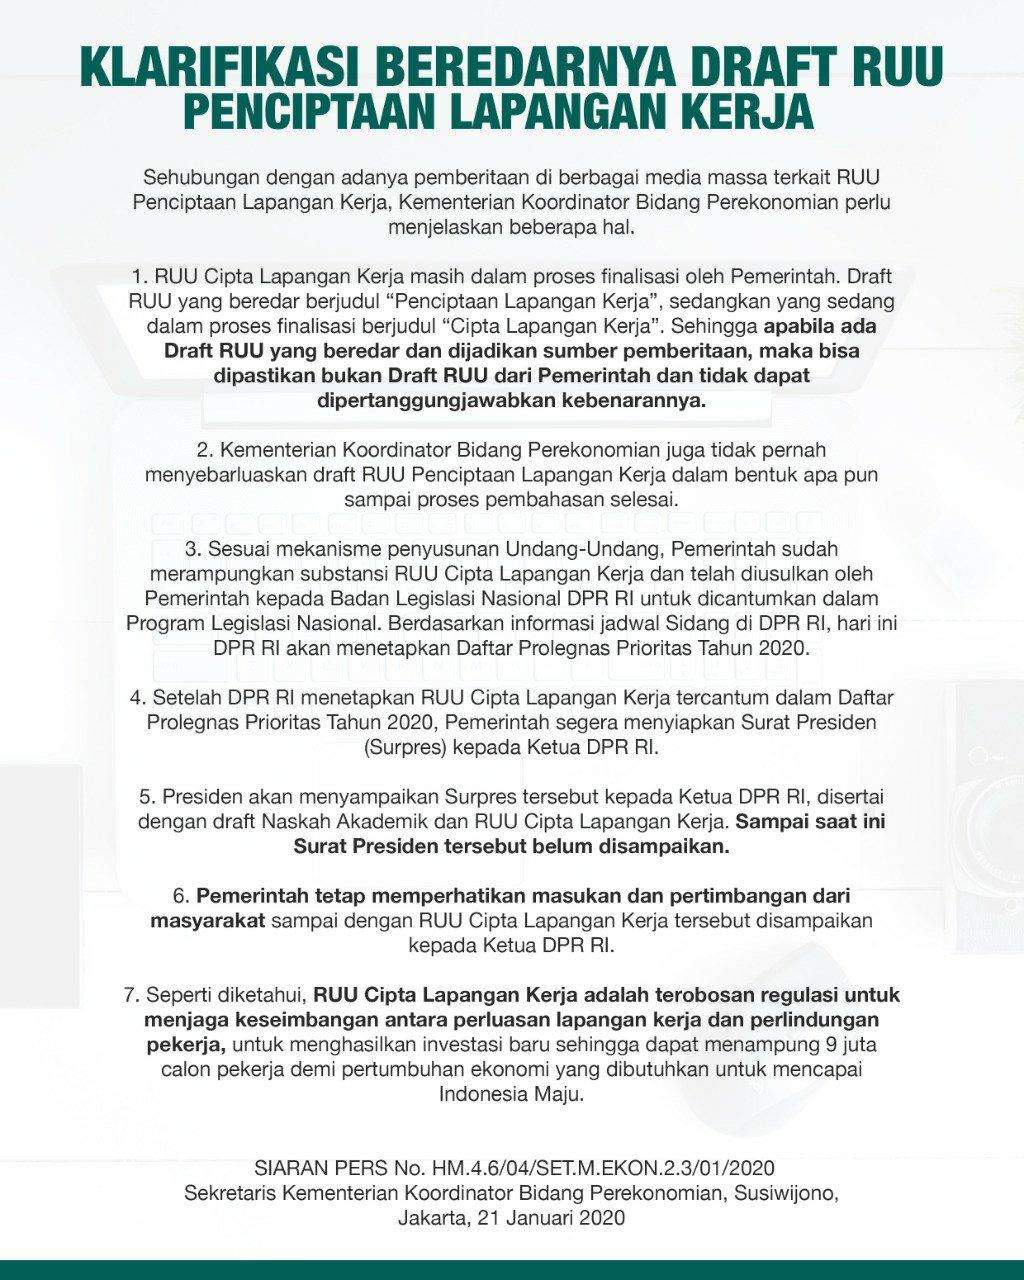 Kemenko Ekon Klarifikasi Beredarnya Draft RUU Penciptaan Lapangan Kerja